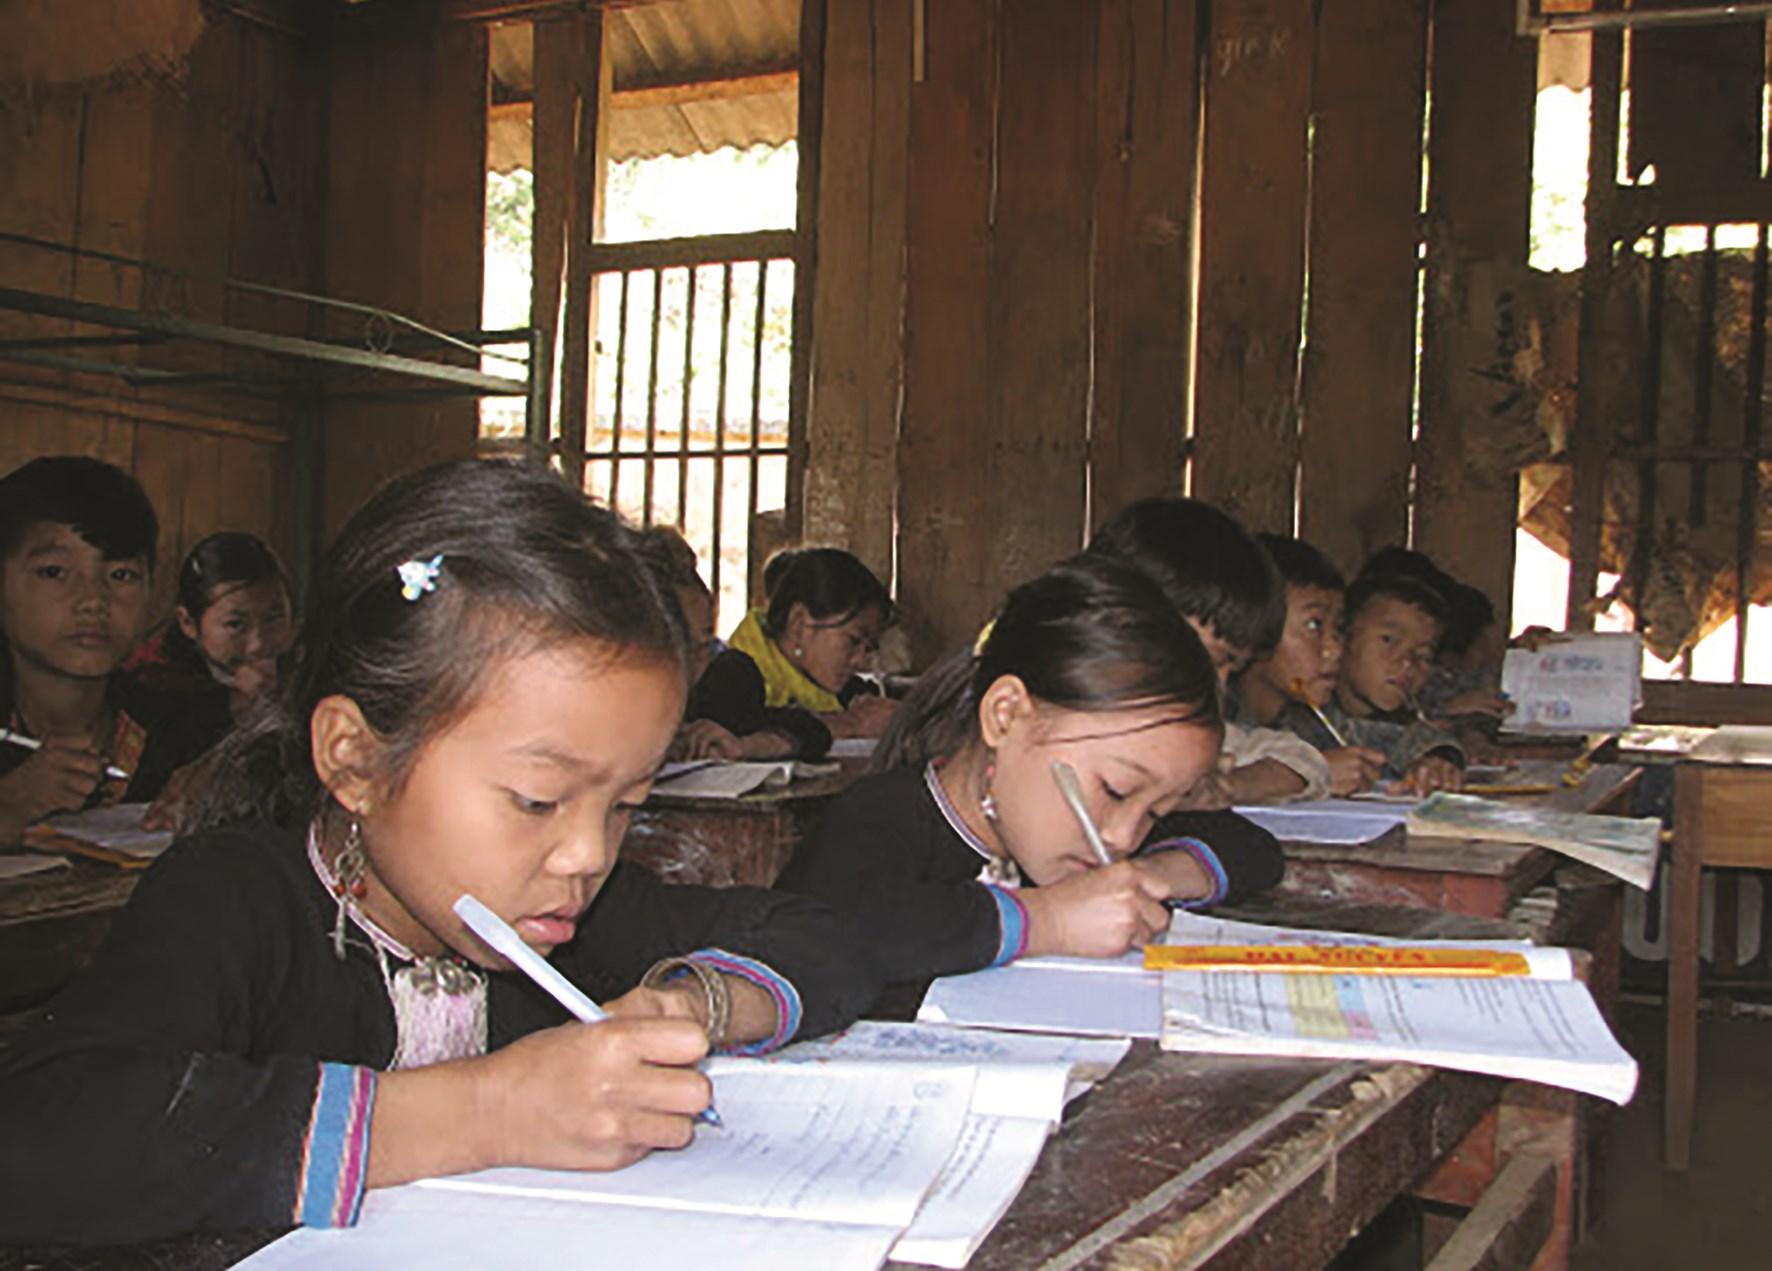 Tình yêu nghề là điều giúp người giáo viên vùng cao thêm gắn bó với dân bản, với học sinh.(Ảnh tư liệu)